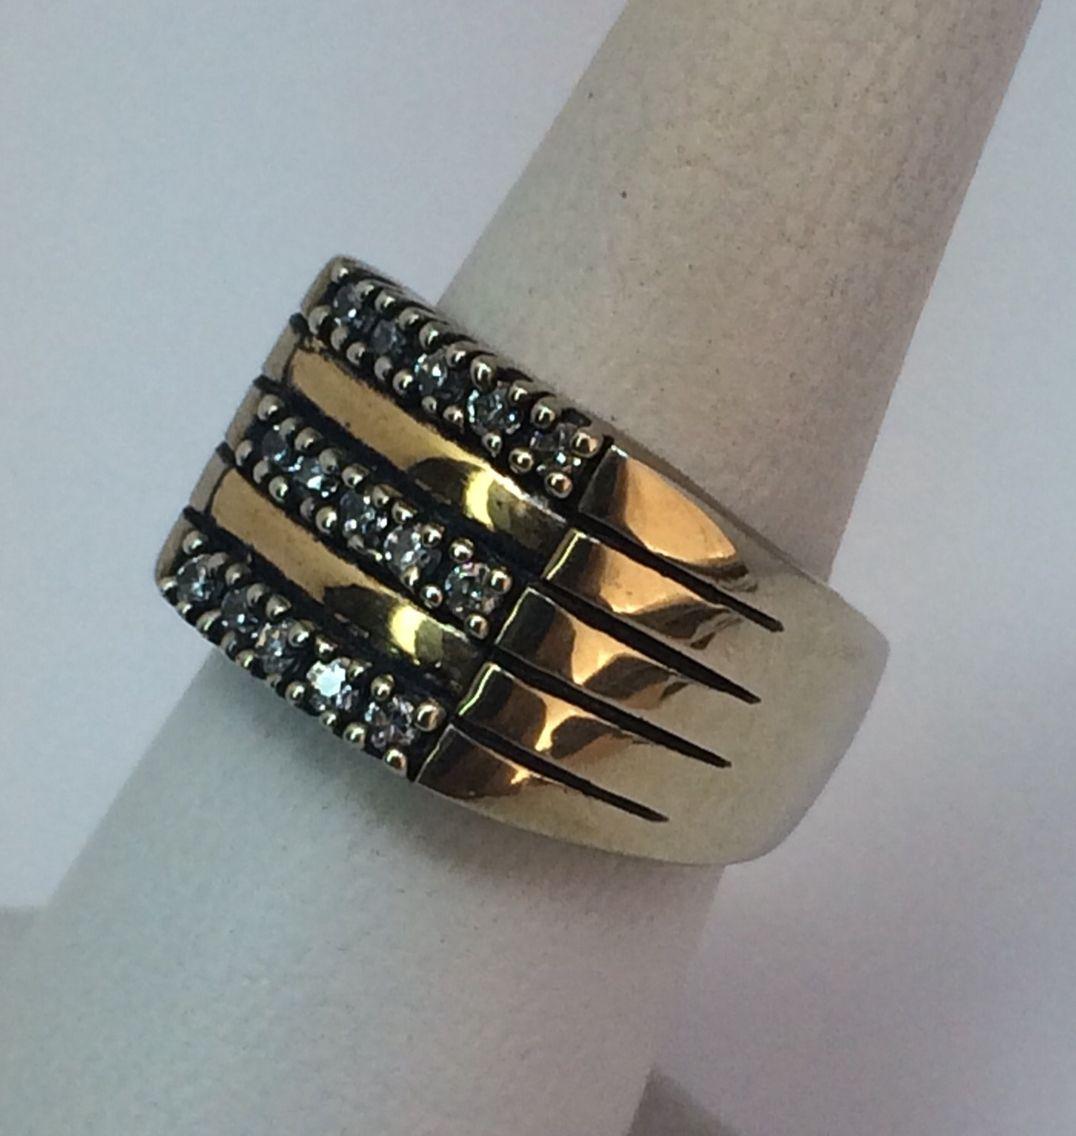 7ad3897f7029 Anillo en plata con aplicaciones en oro y circones